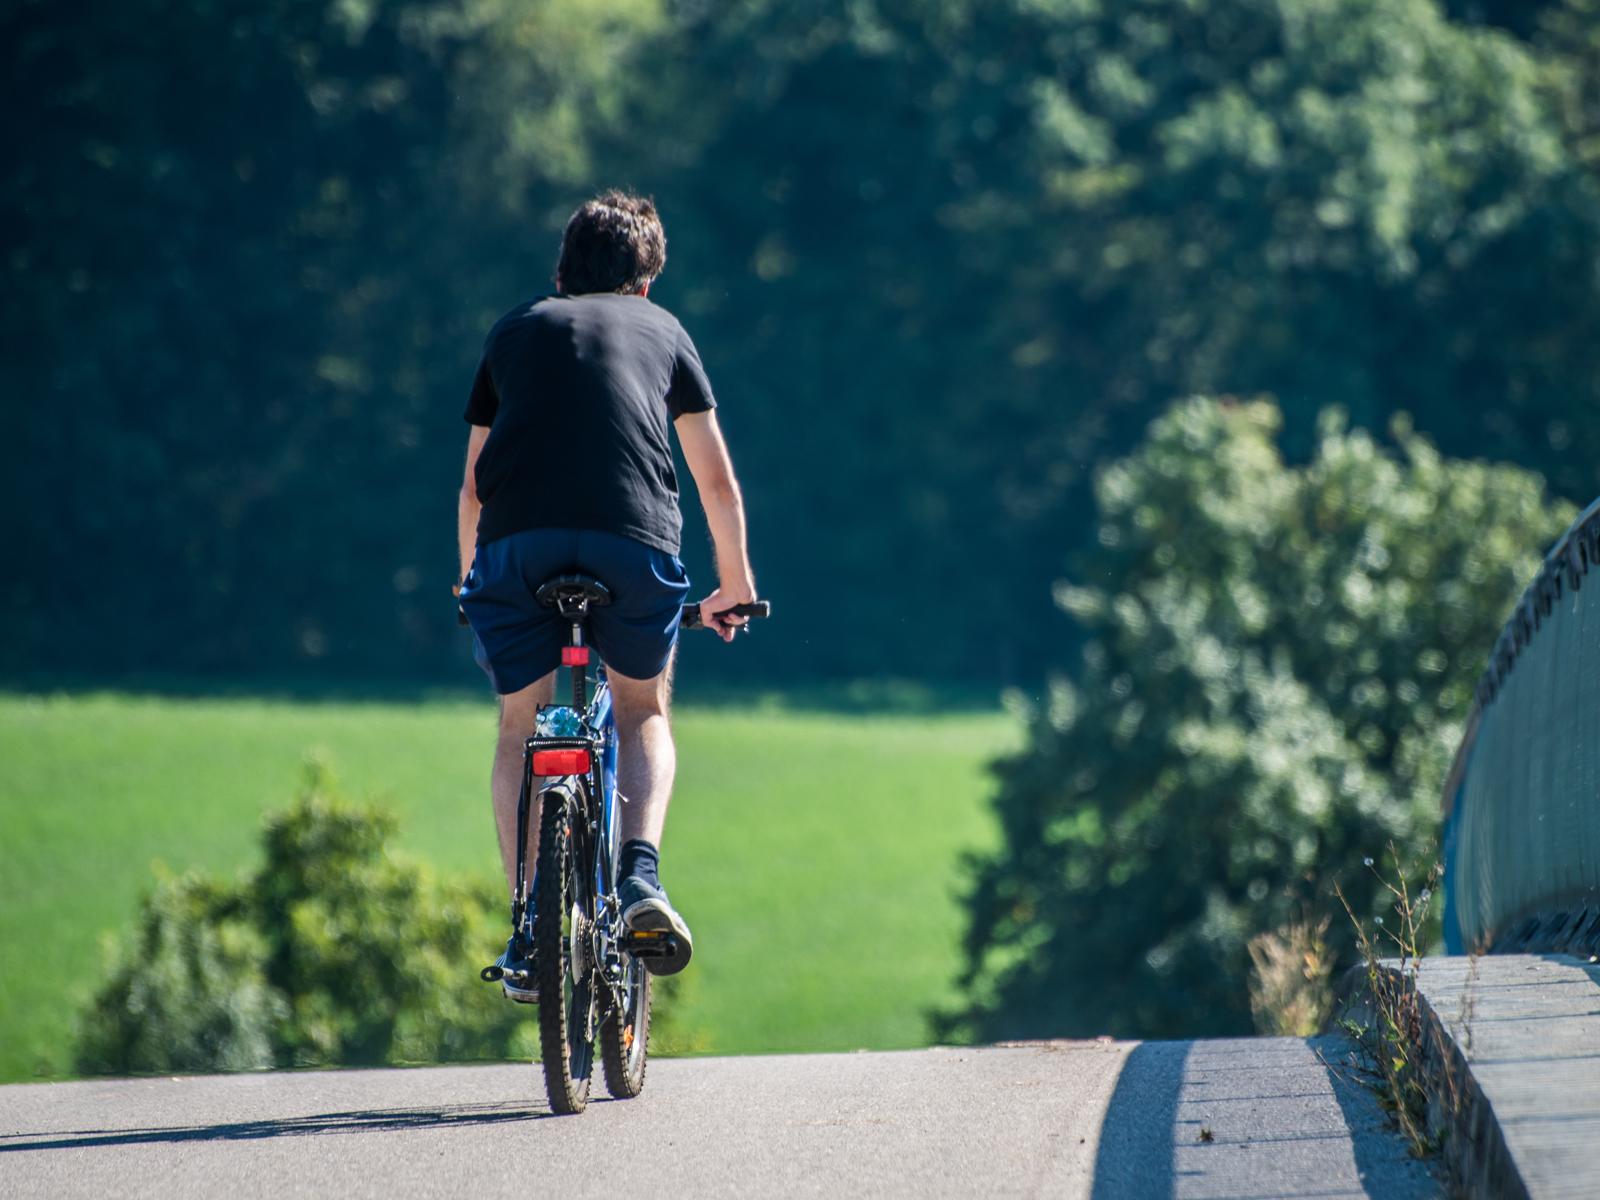 Auch bei Ausflügen mit dem Rad in die Umgebung, kann man für die Aktion Stadtradeln viele Kilometer sammeln